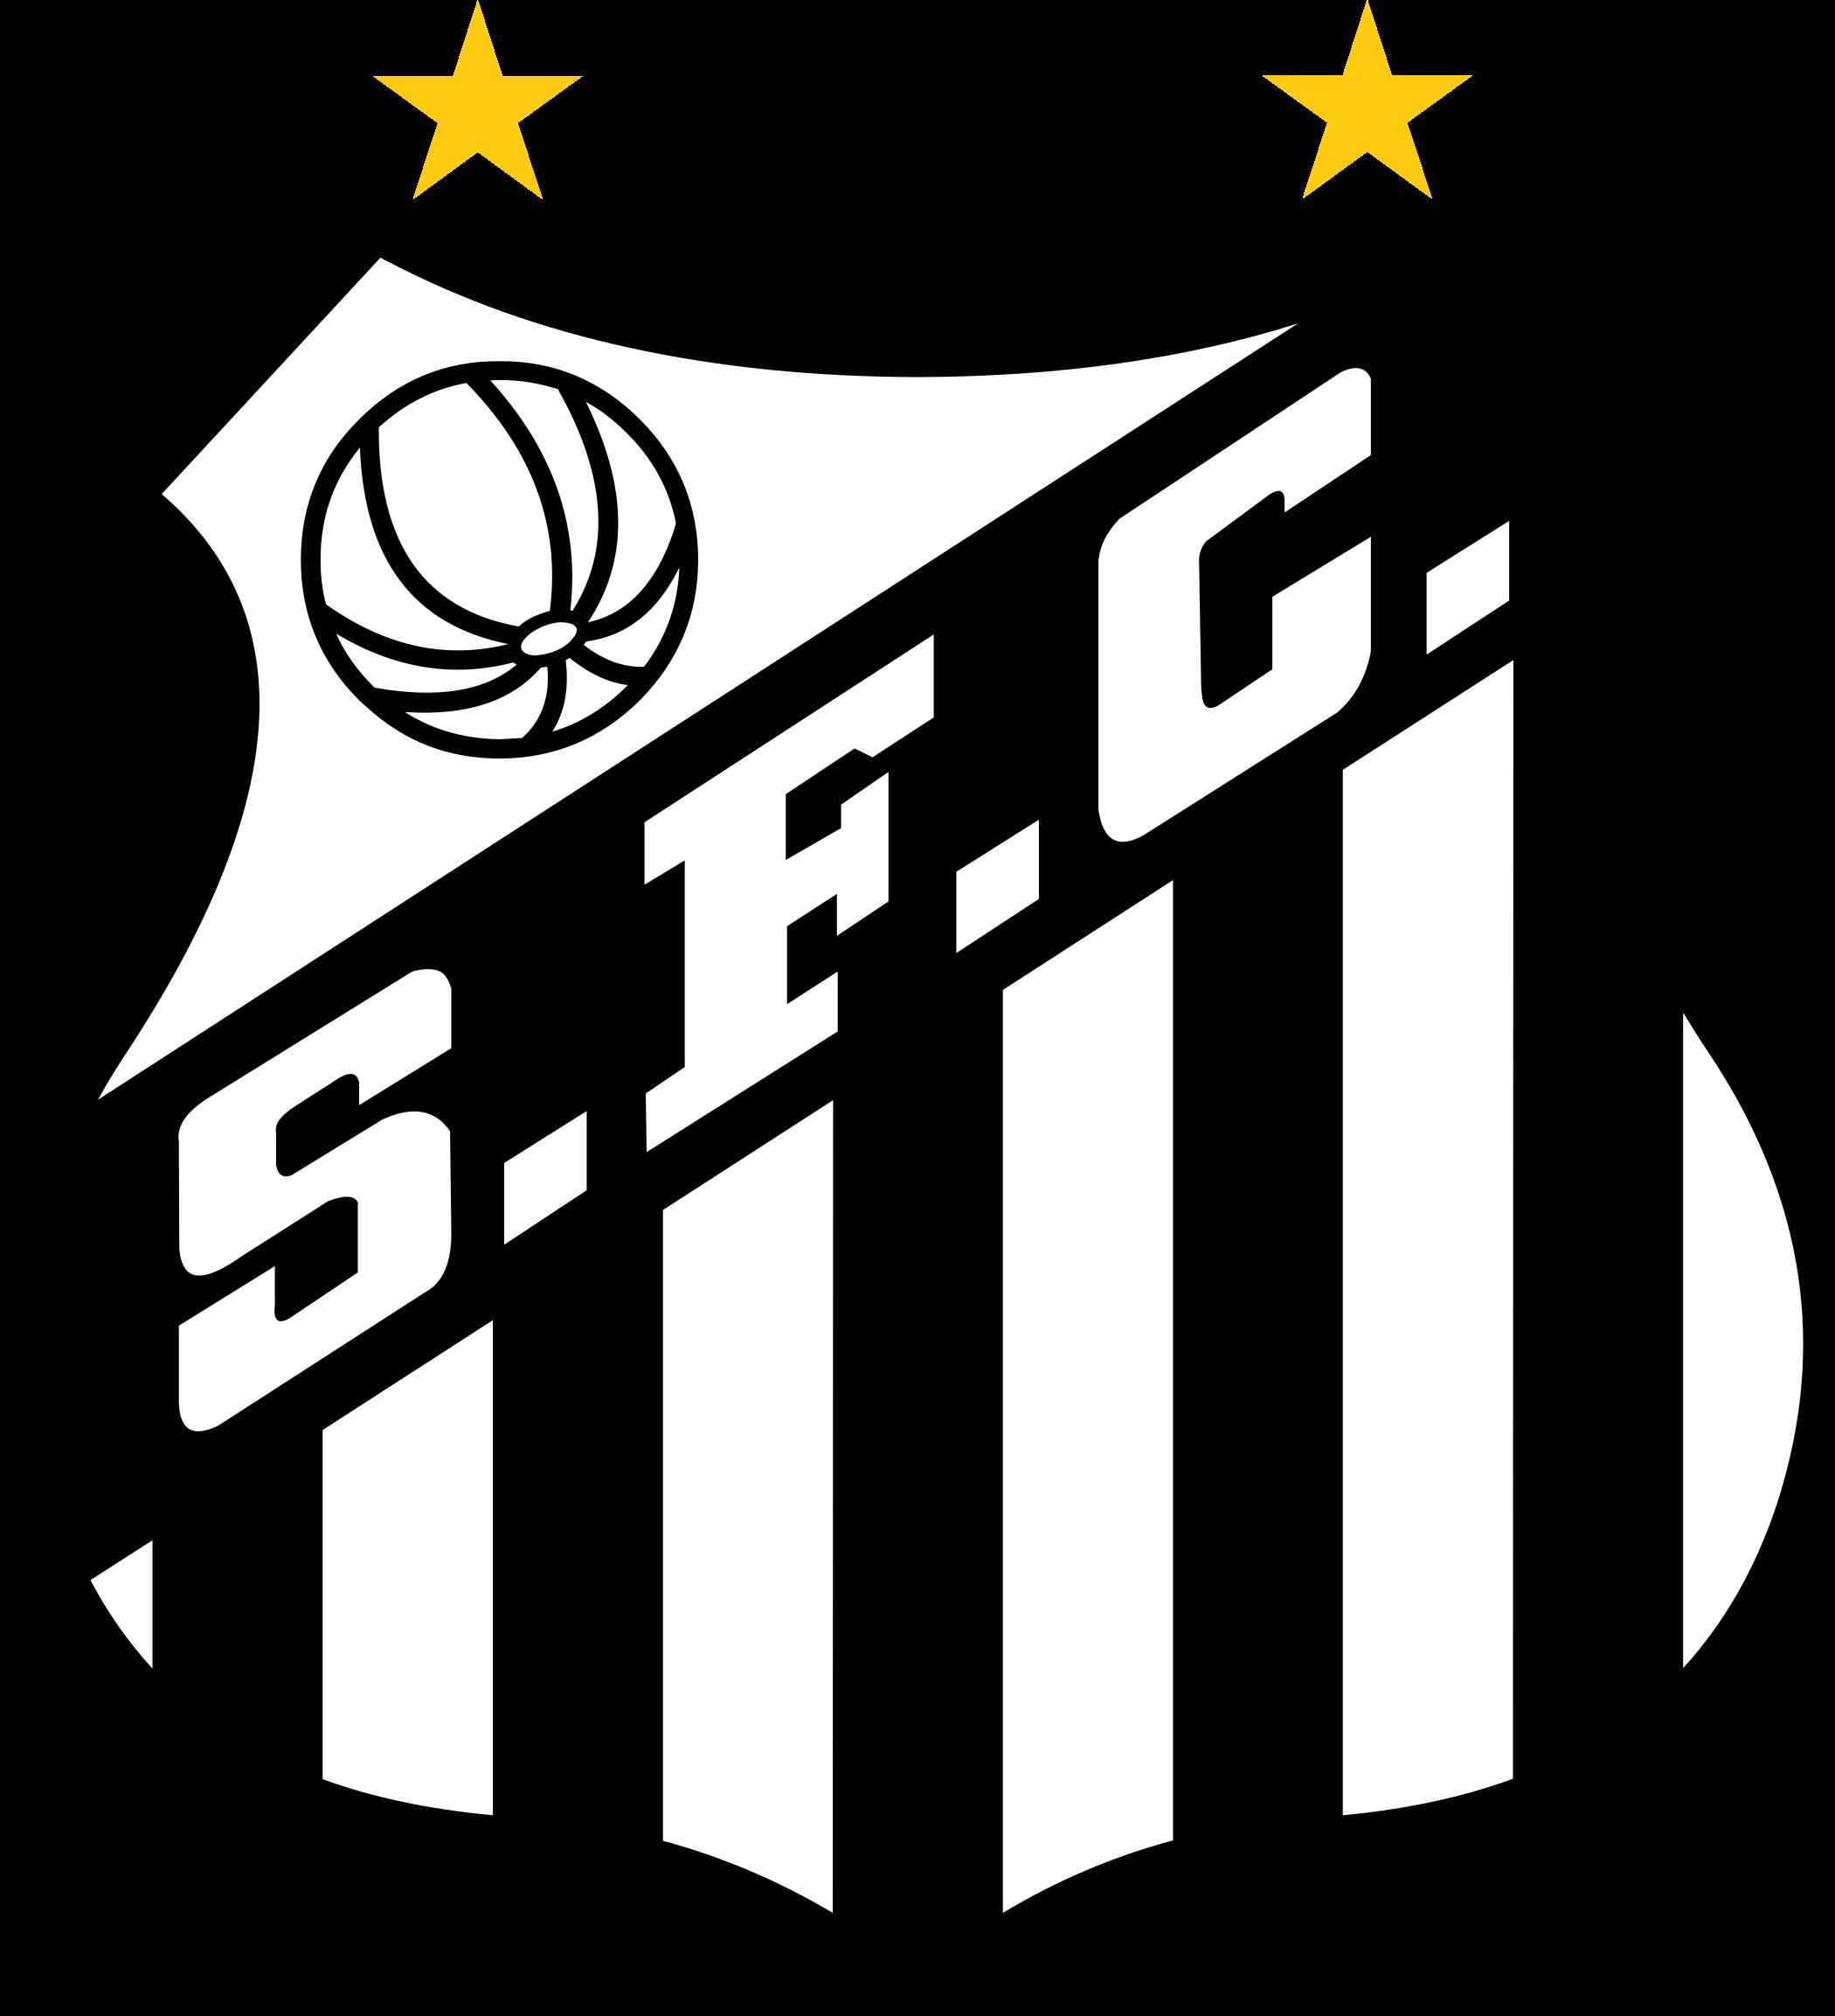 santos logo escudo 2 - Santos FC Logo